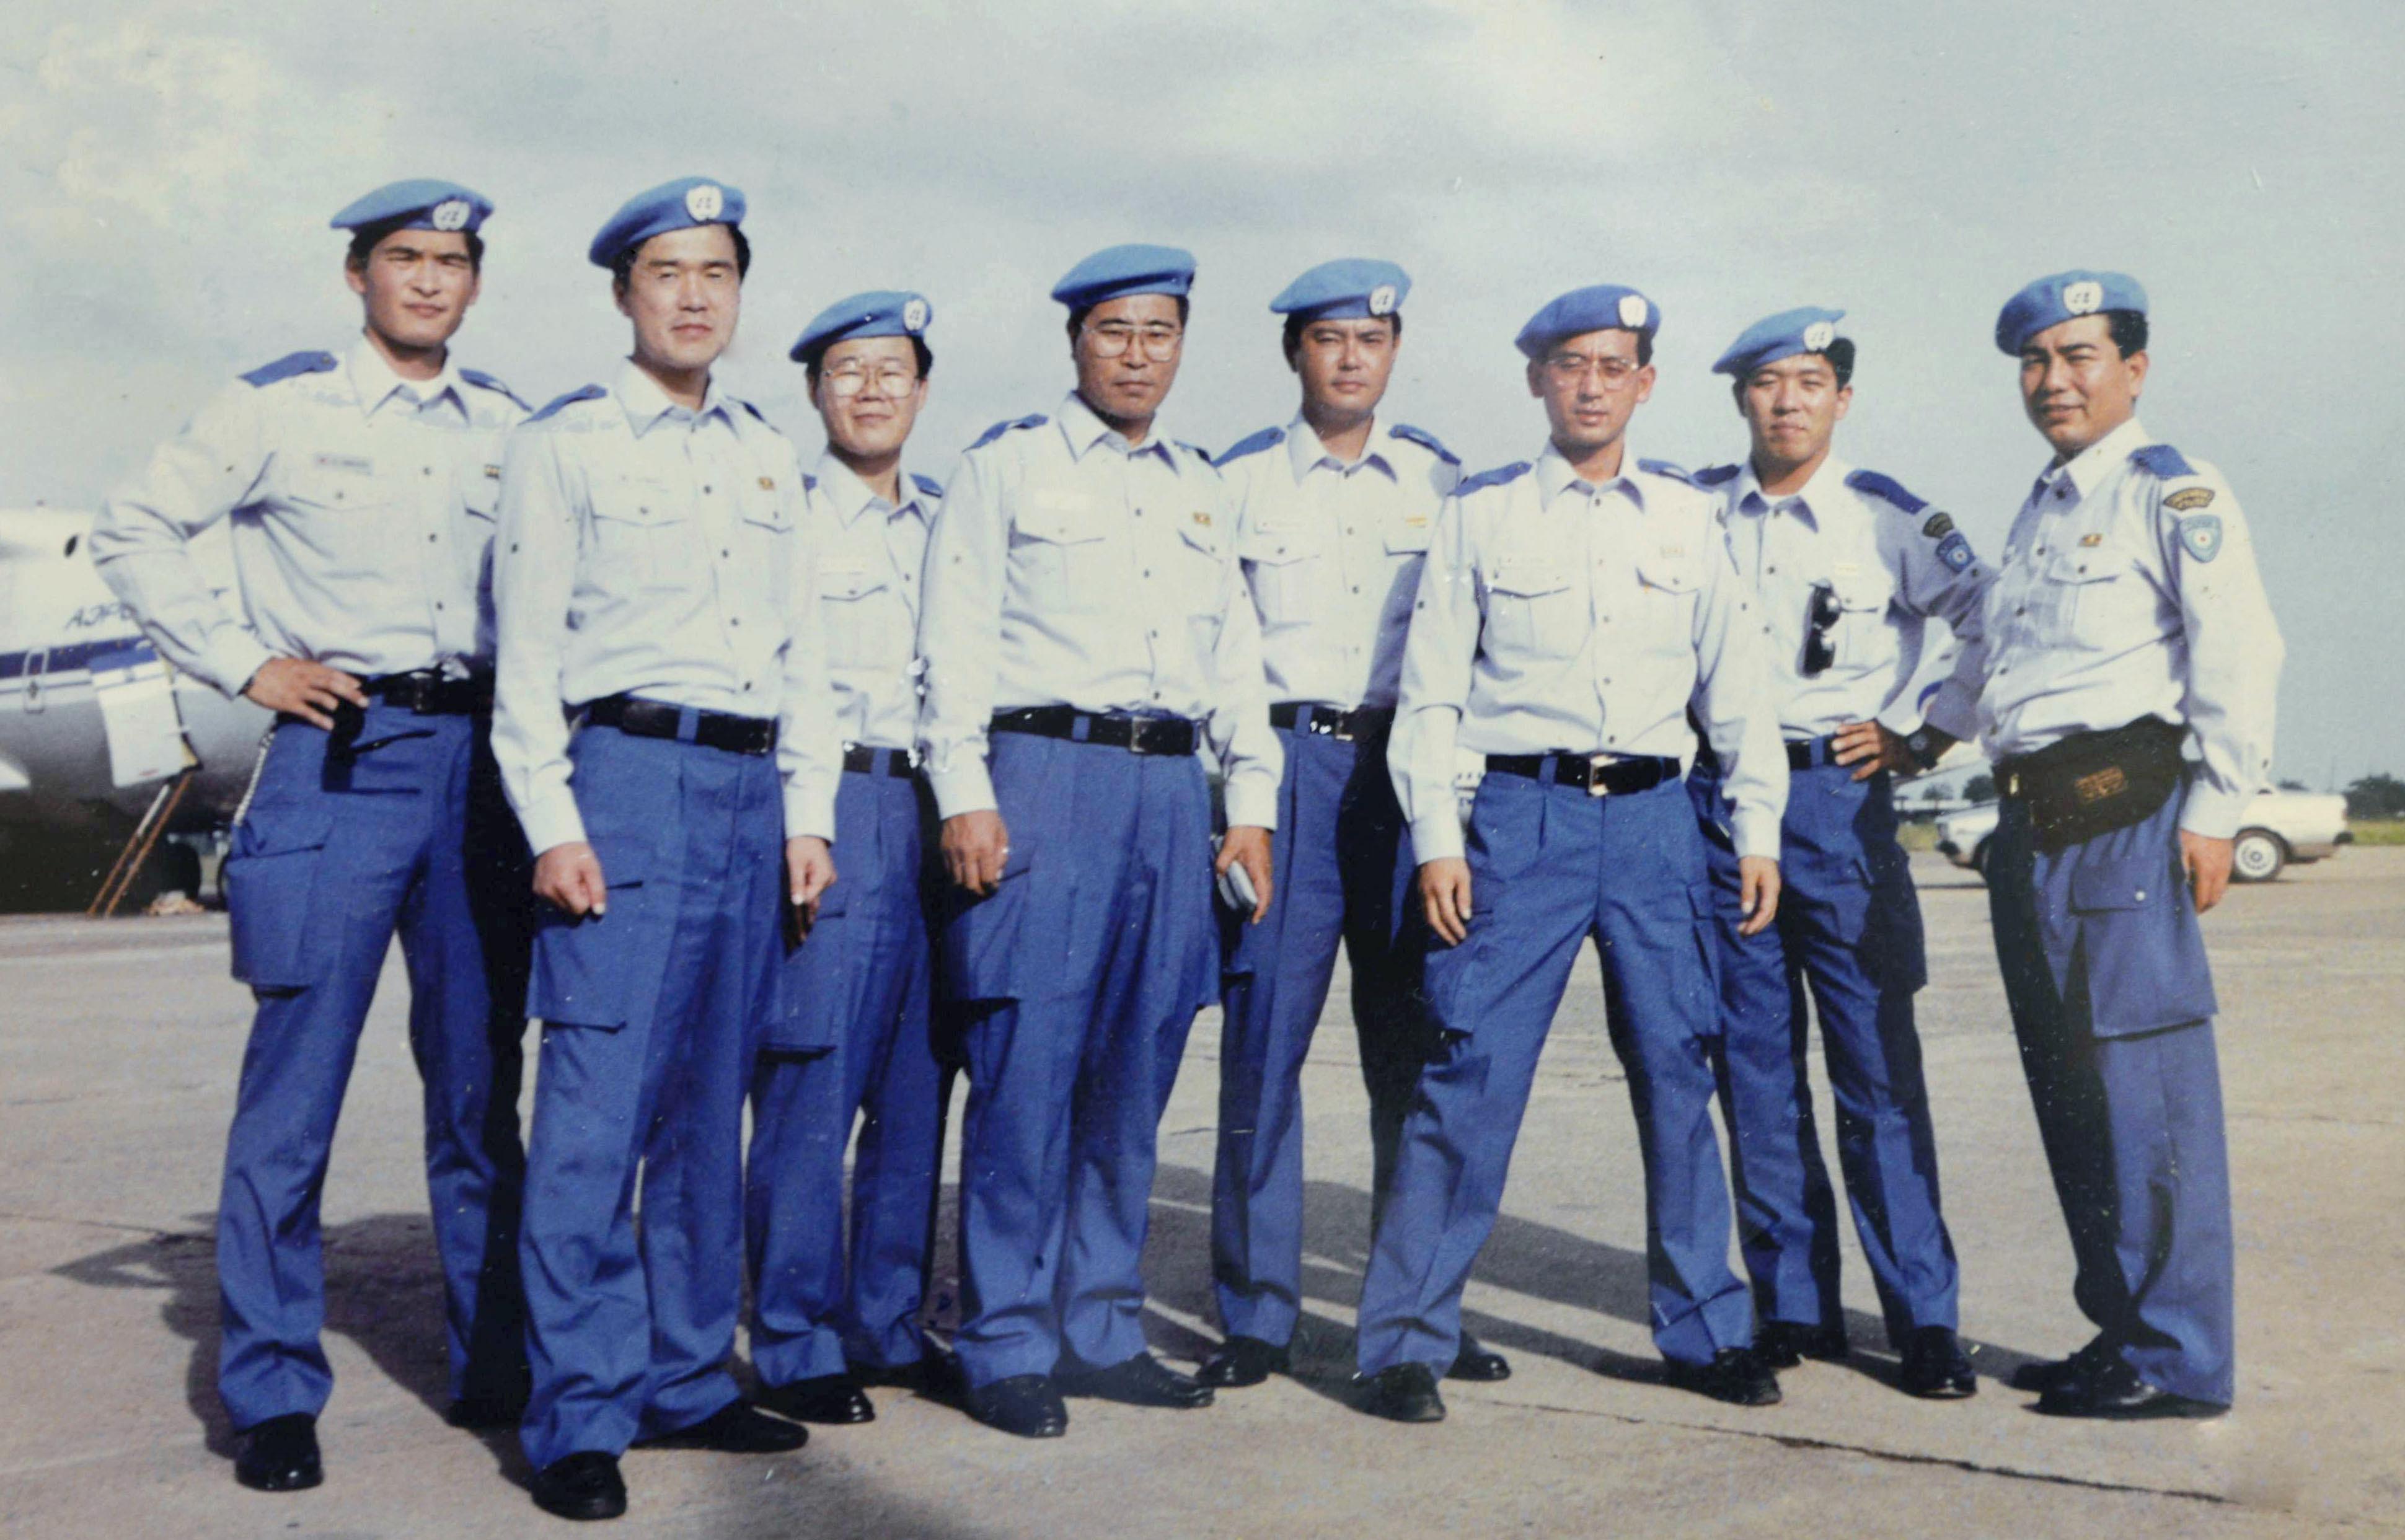 国連平和維持活動でカンボジアに派遣された日本の文民警察官。右から4人目が平林新一、左から2人目が殺害された高田晴行=1992年10月、プノンペン(敬称略)